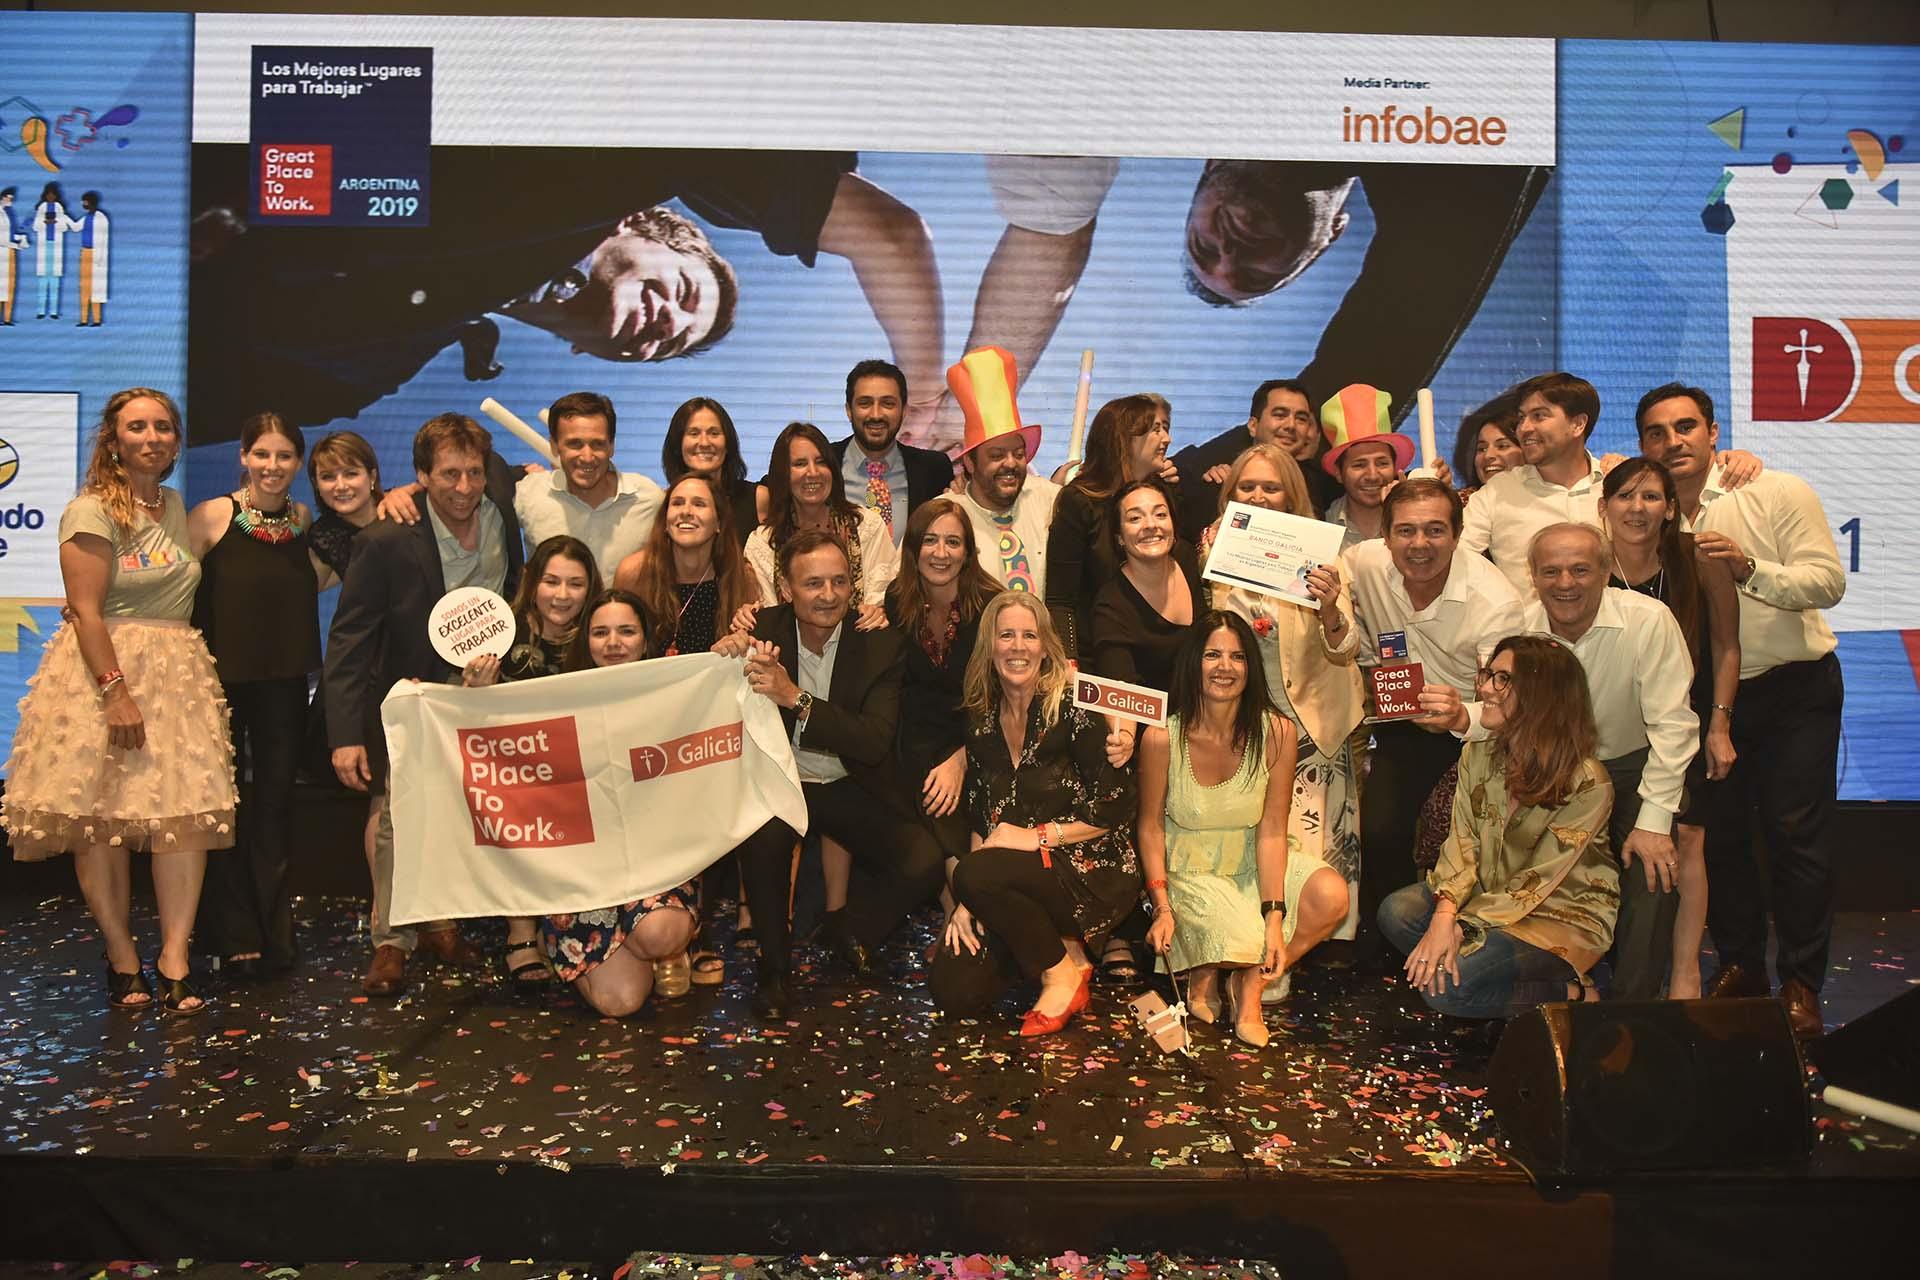 El equipo de Galicia recibió el primer puesto en el ranking de los mejores lugares para trabajar en Argentina en la categoría de mil colaboradores